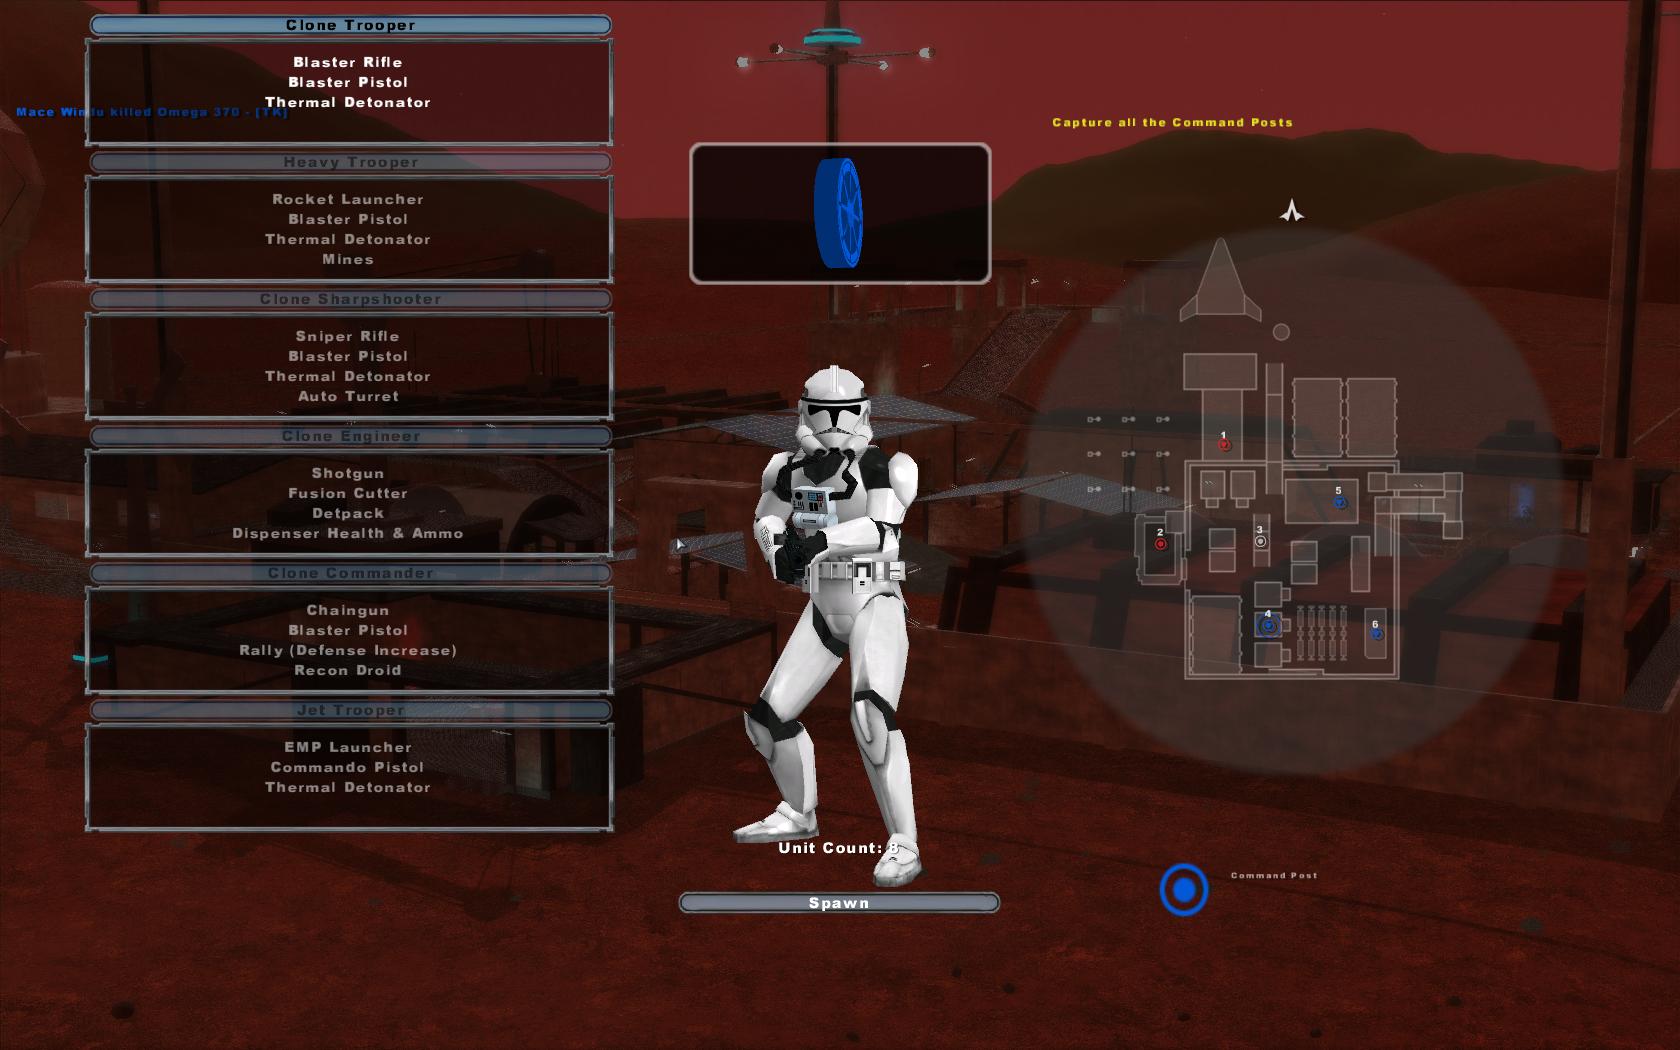 star wars battlefront 2 quick draw challenge